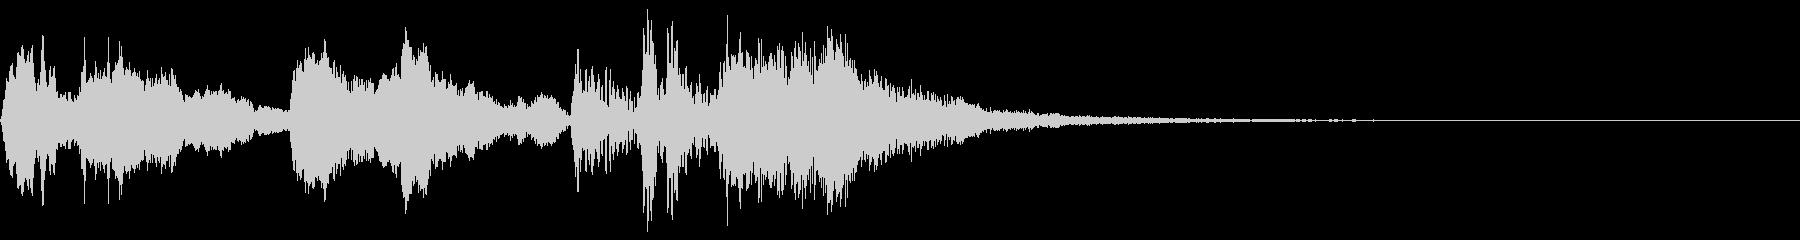 ベートーベン第九二楽章の冒頭部分の未再生の波形